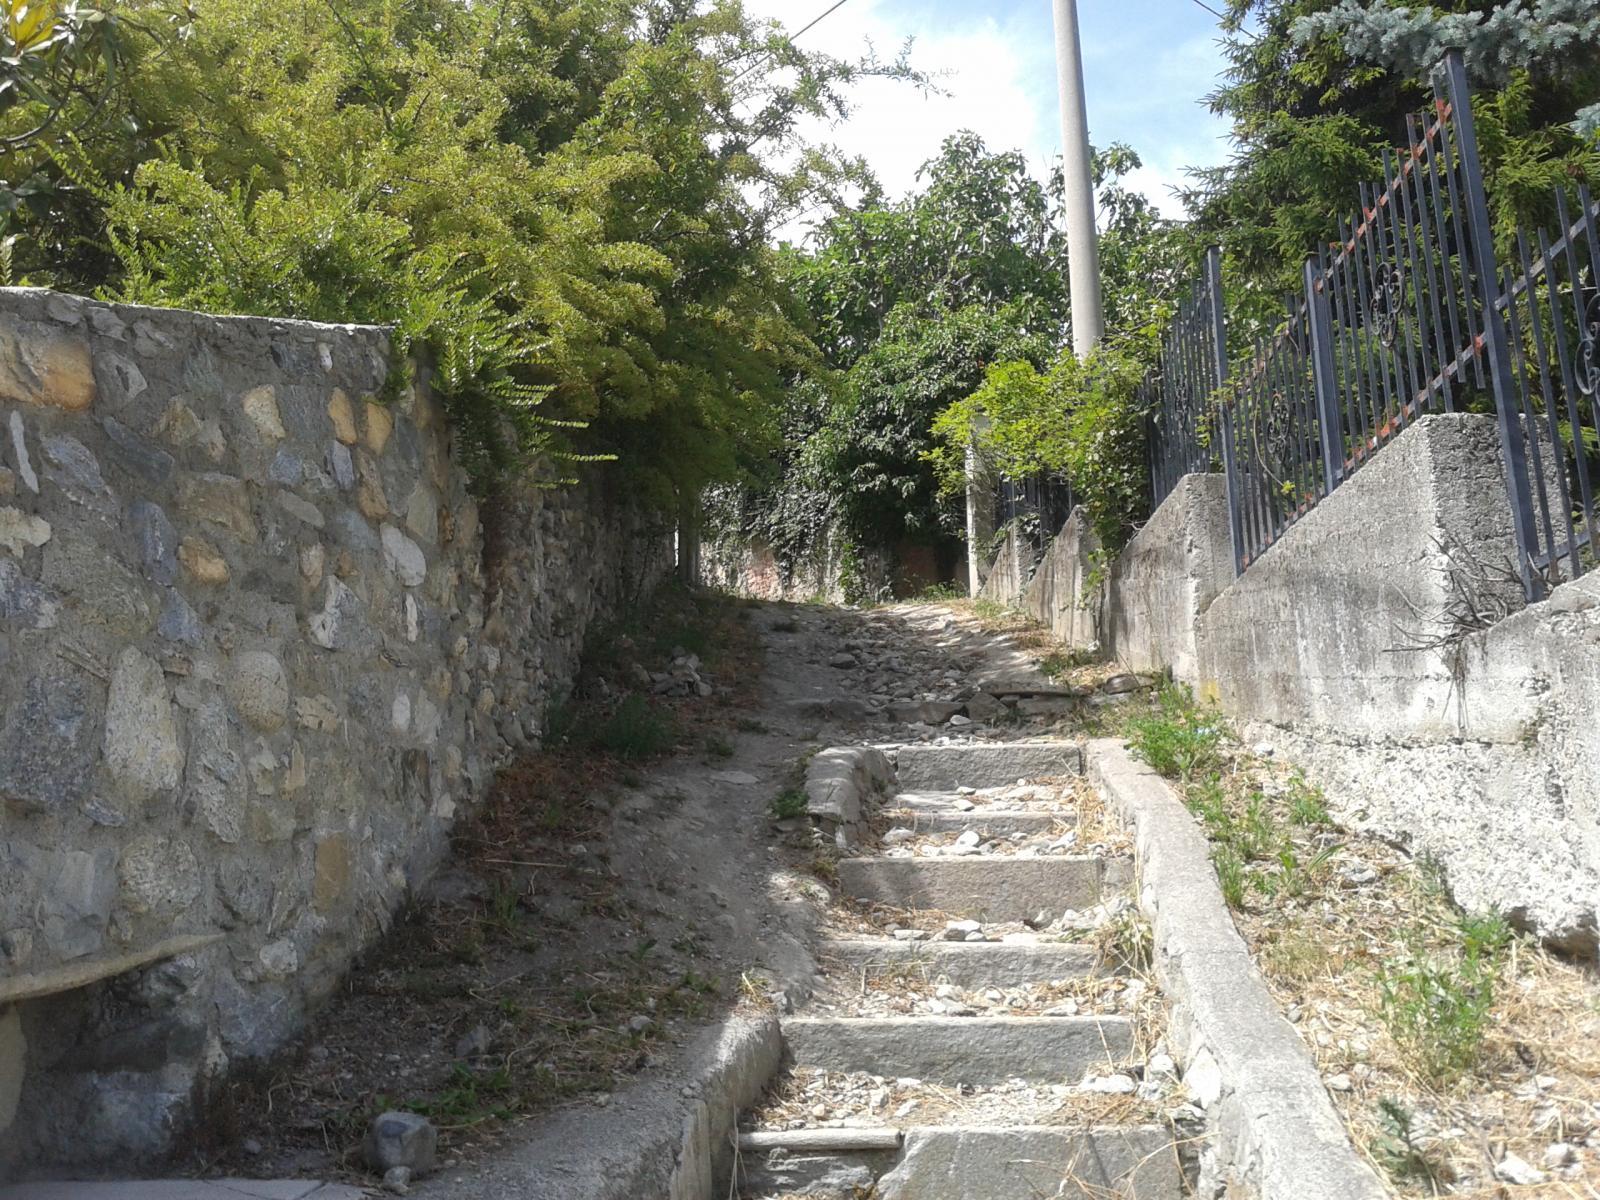 ultimo tratto di sentiero prima di arrivare in Via delle Betulle